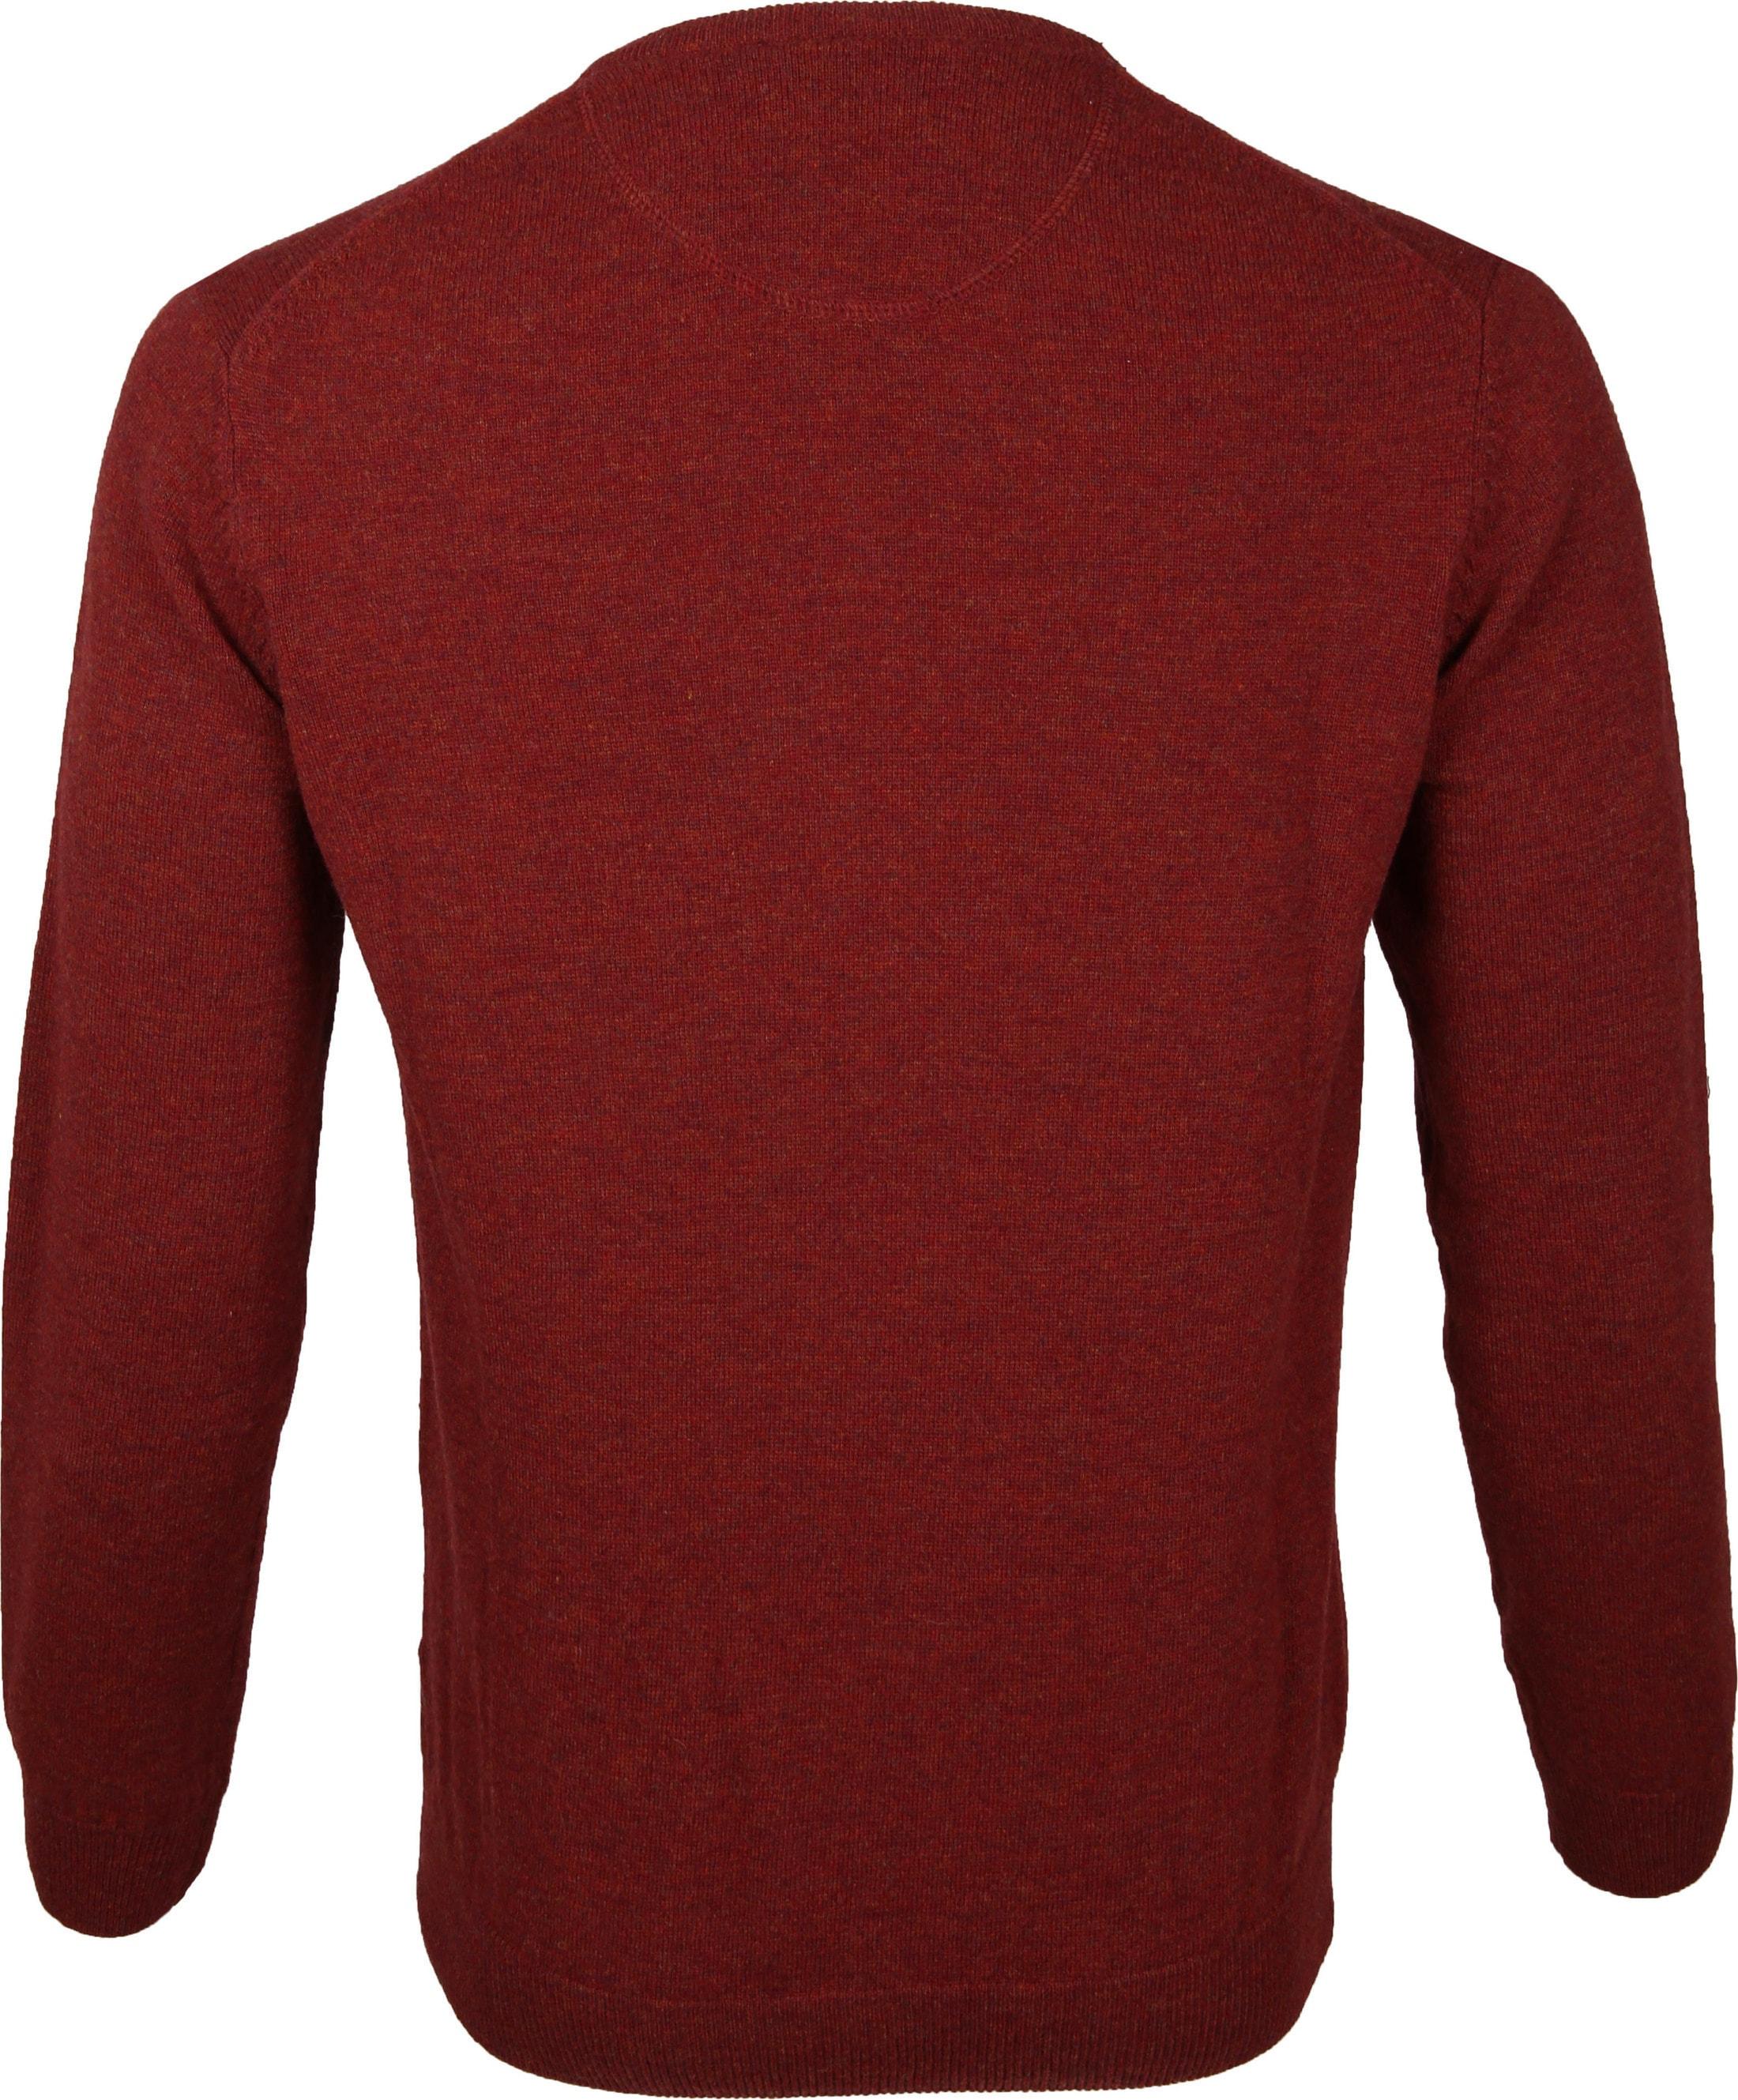 Suitable Pullover Lammwolle V-Ausschnitt Dunkelrot foto 2